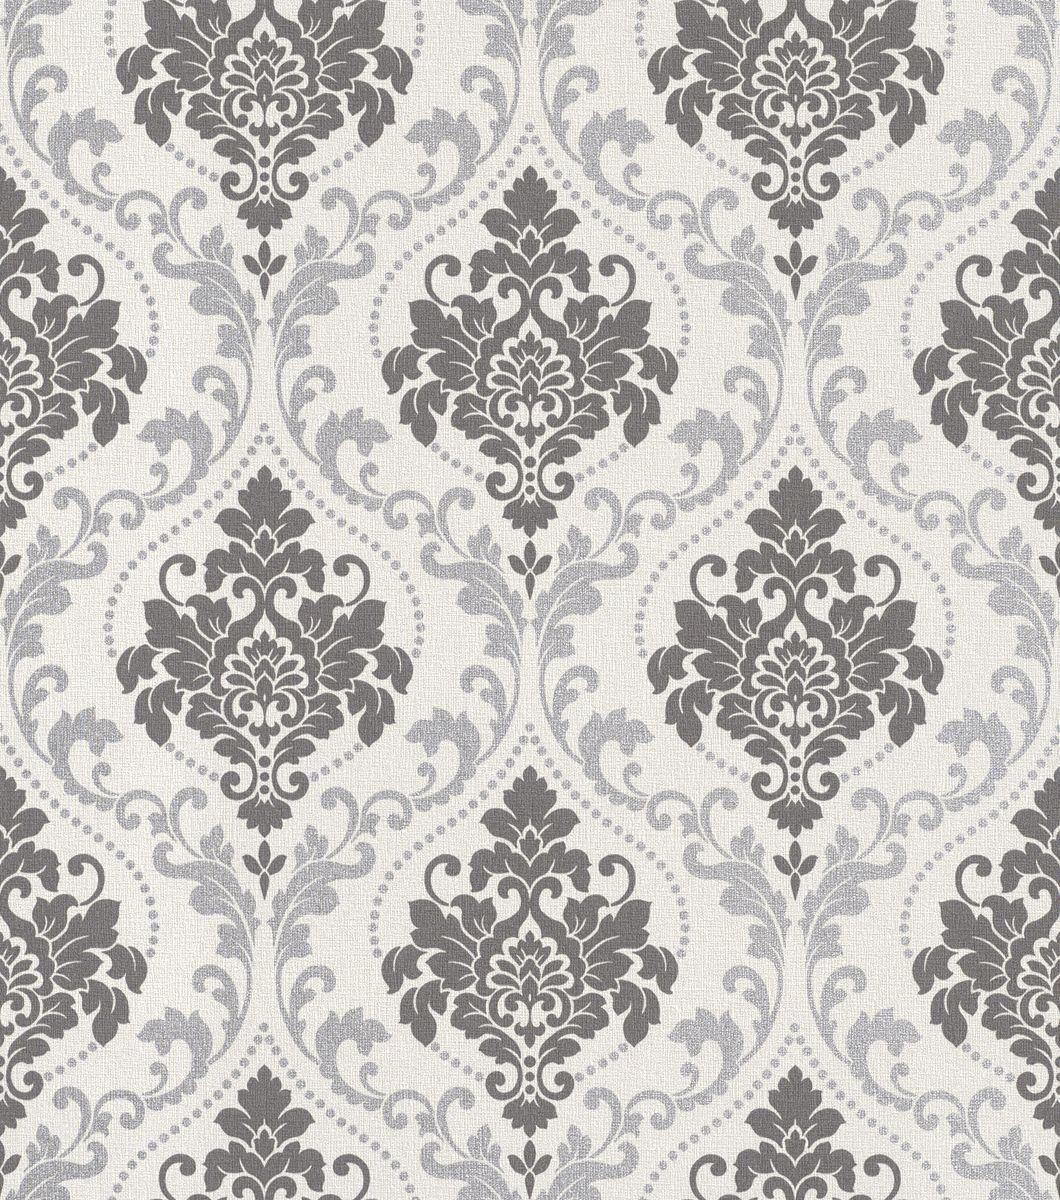 Rasch tapete gentle elegance 725698 grau creme braun for Suche tapeten muster